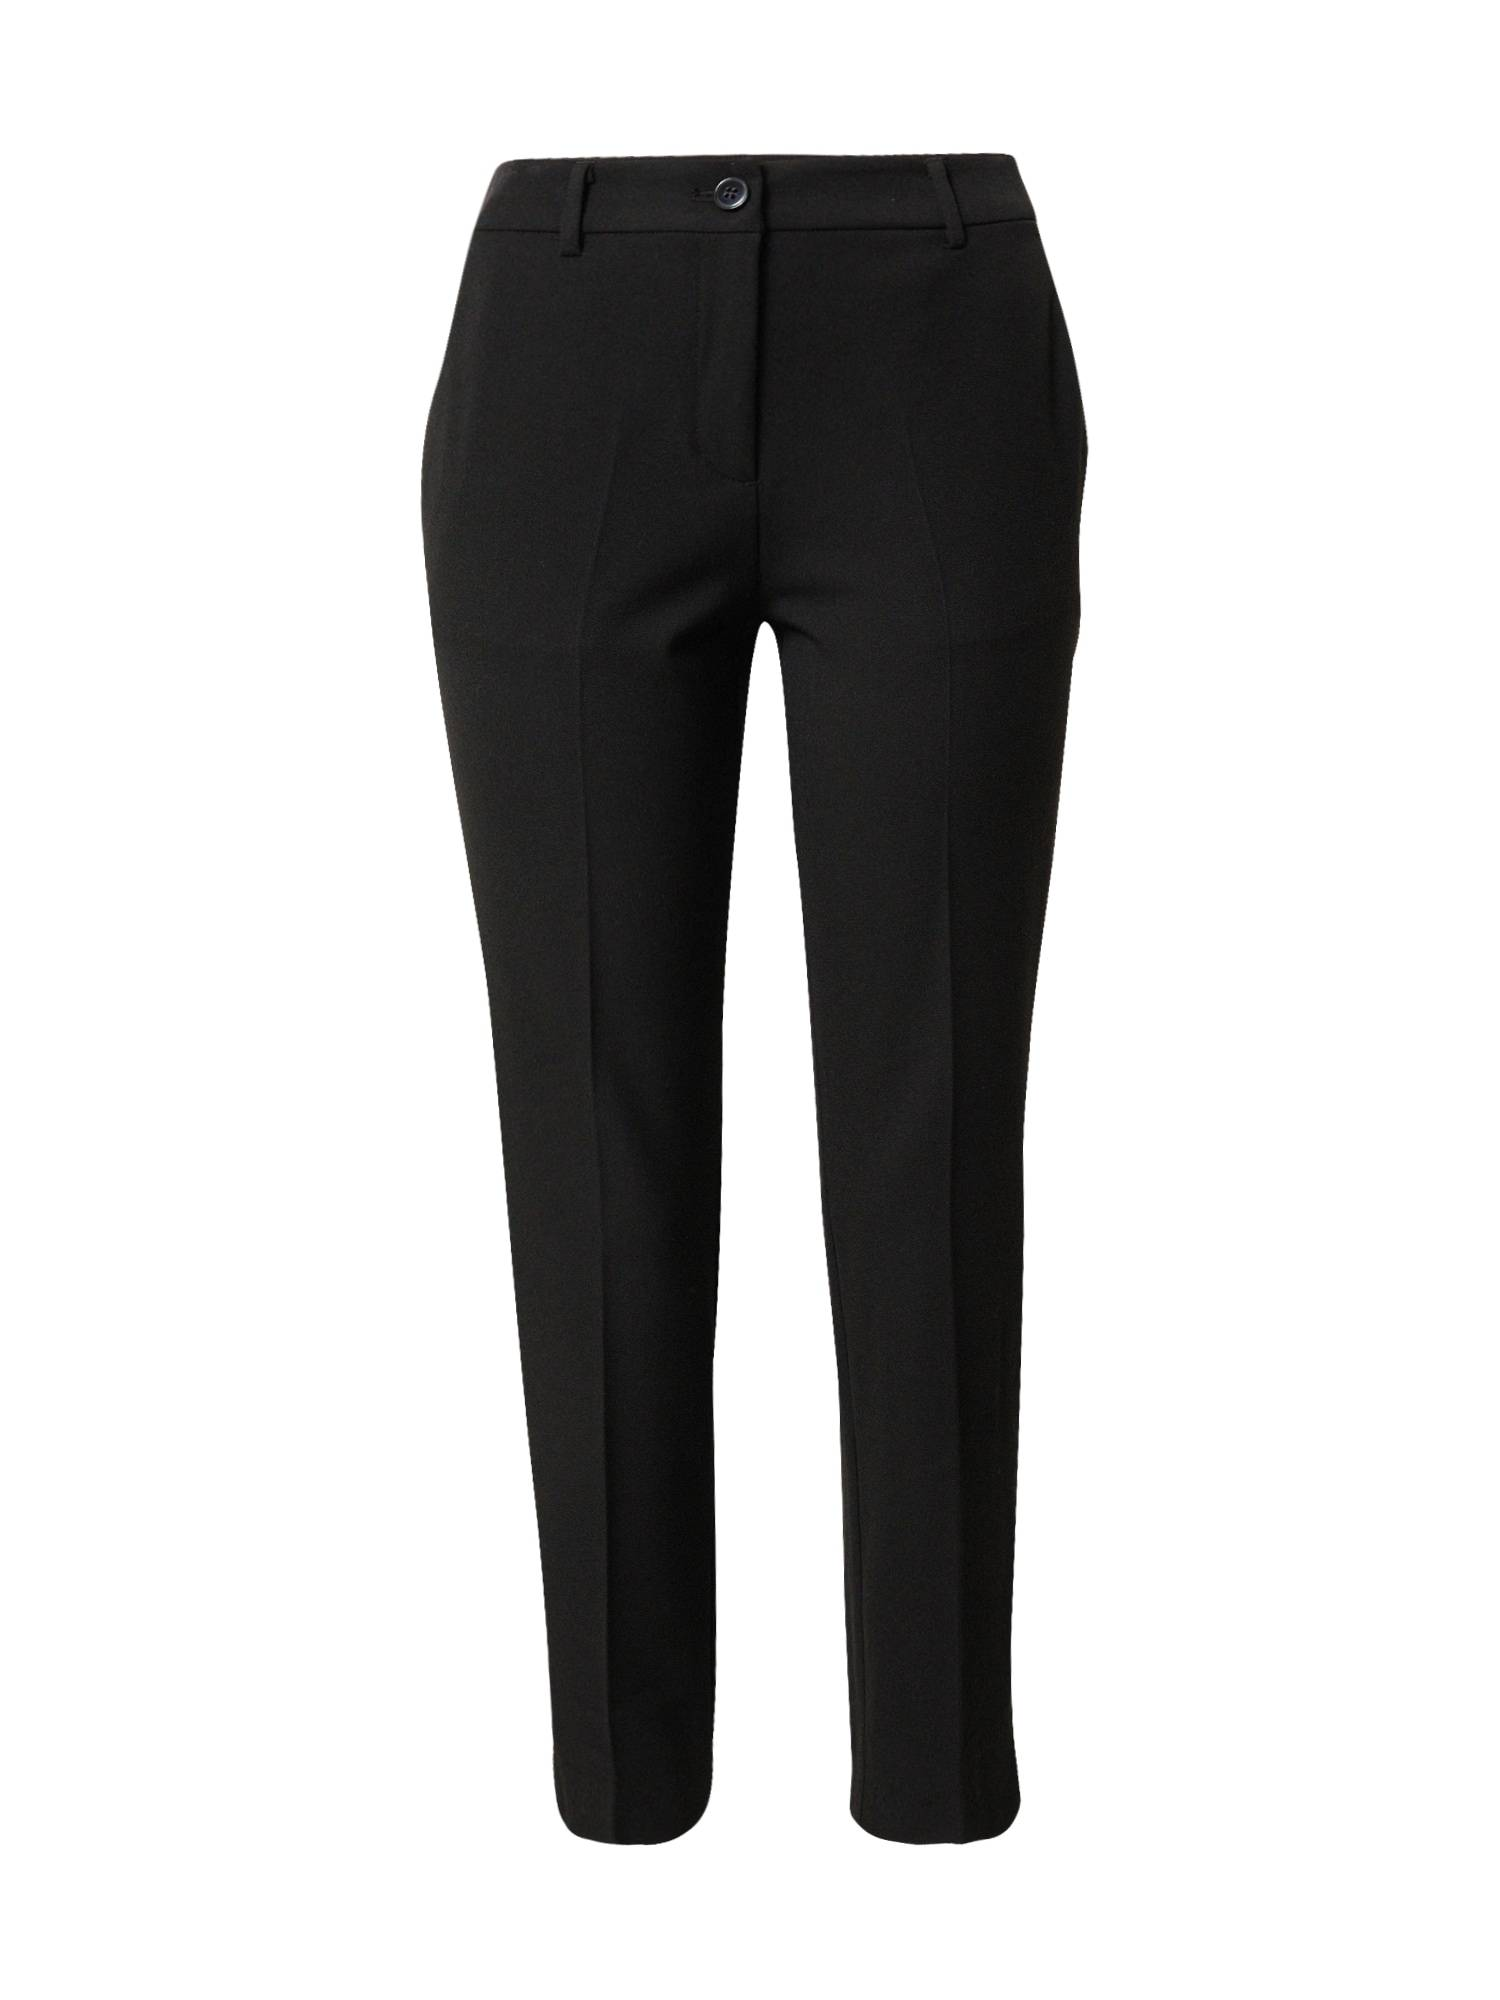 MINE TO FIVE Pantalon à plis  - Noir - Taille: 40 - female